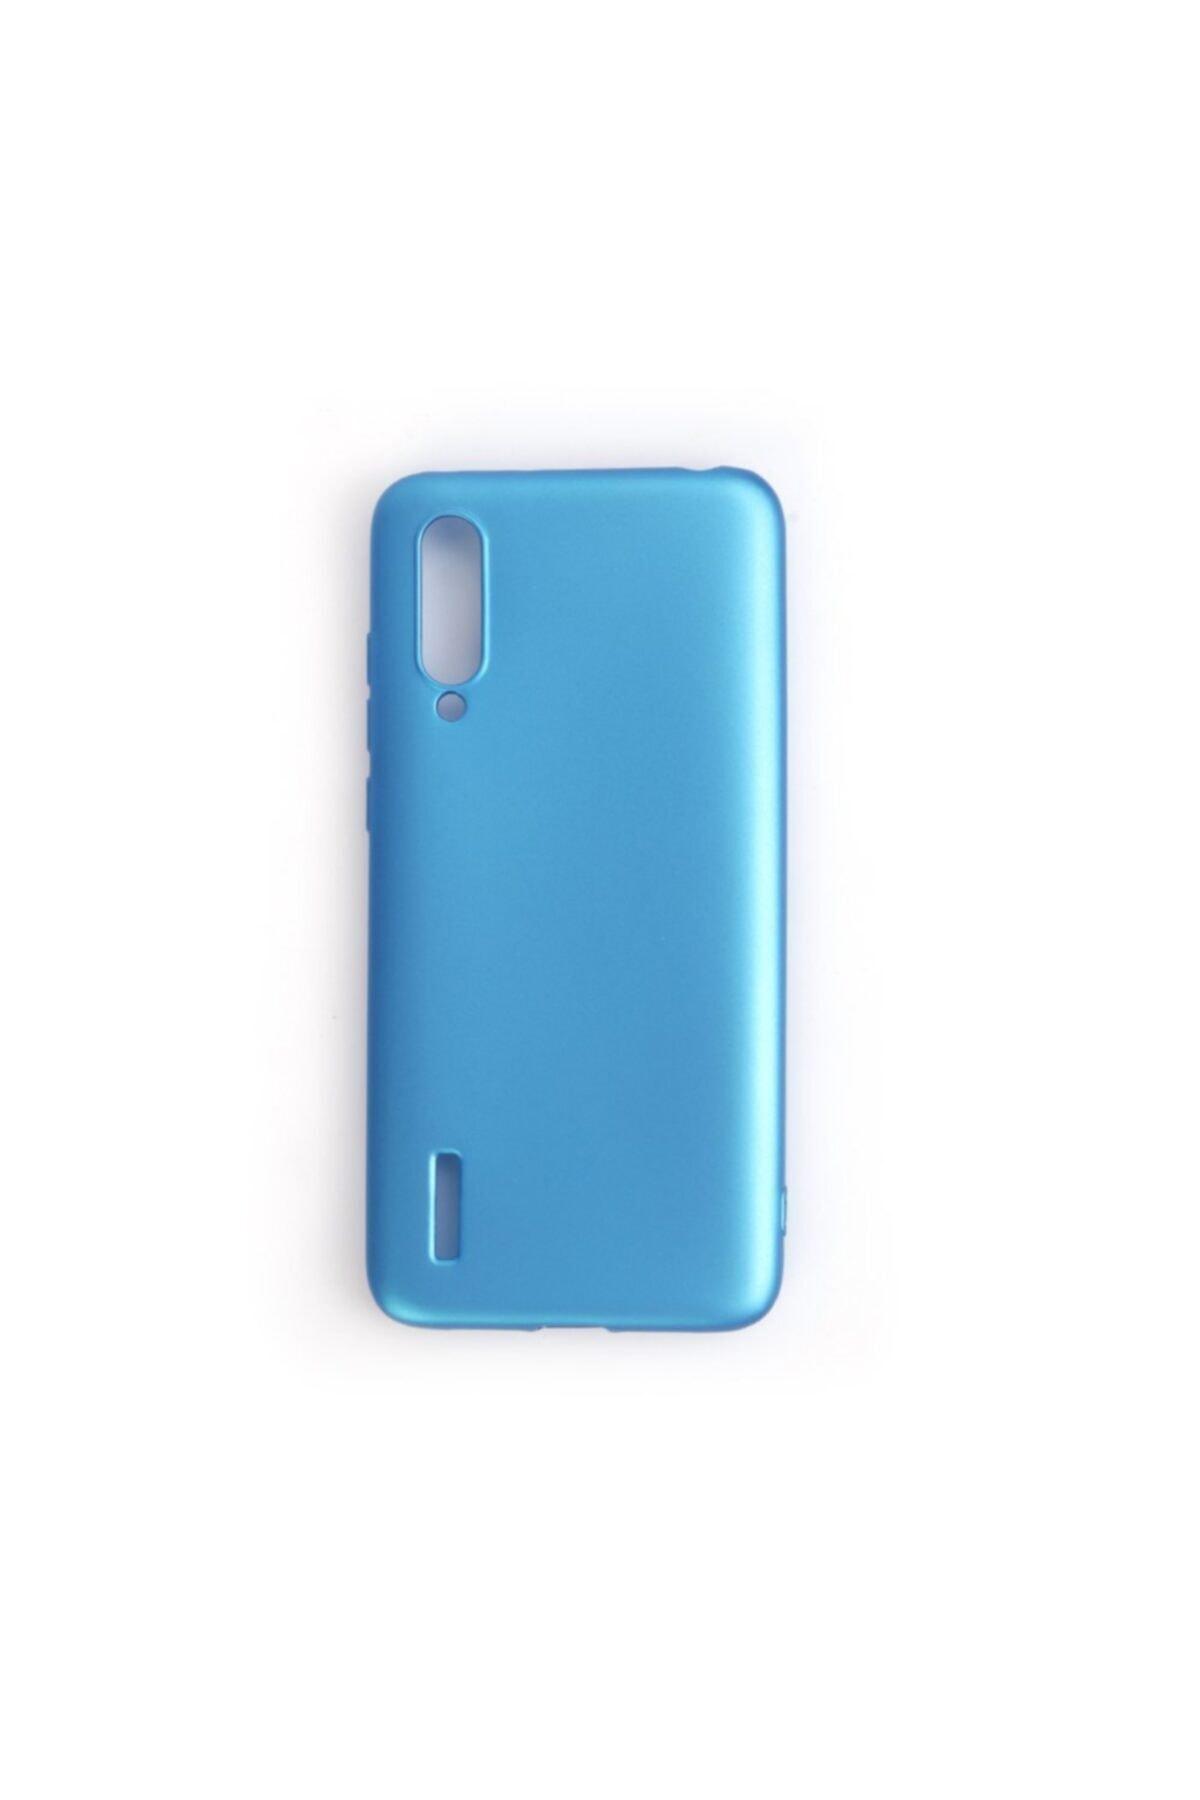 Zengin Çarşım Xiaomi Mi 9 - Mi 9 Lite Yumuşak Silikon Kılıf Mavi 1